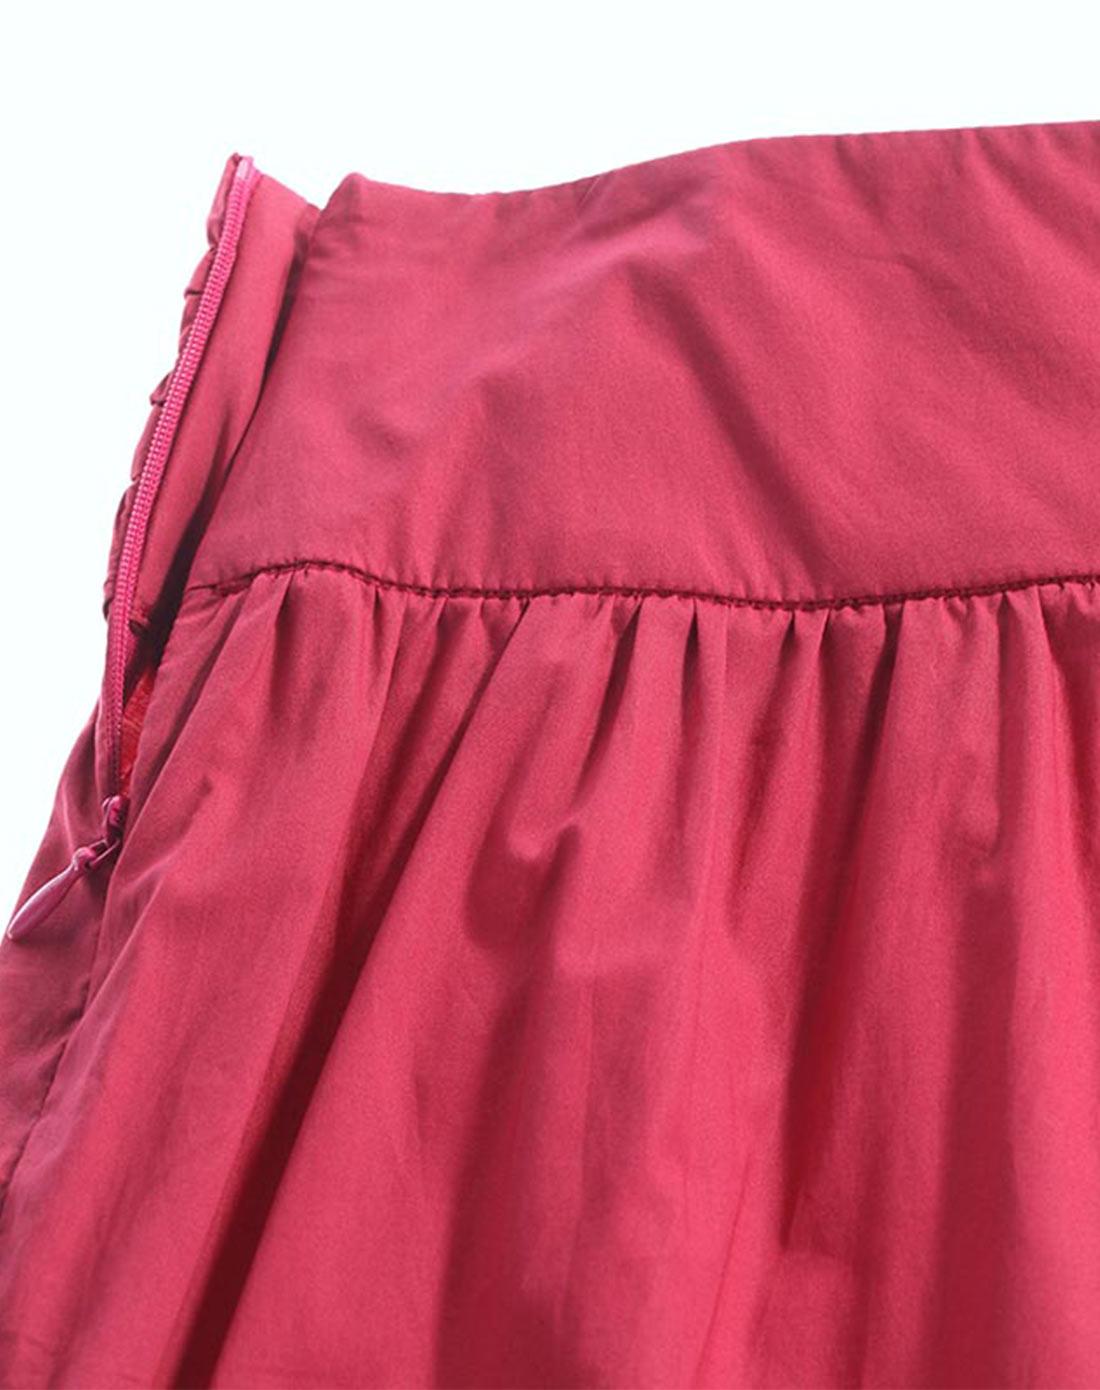 玫红色花边腰头半身裙